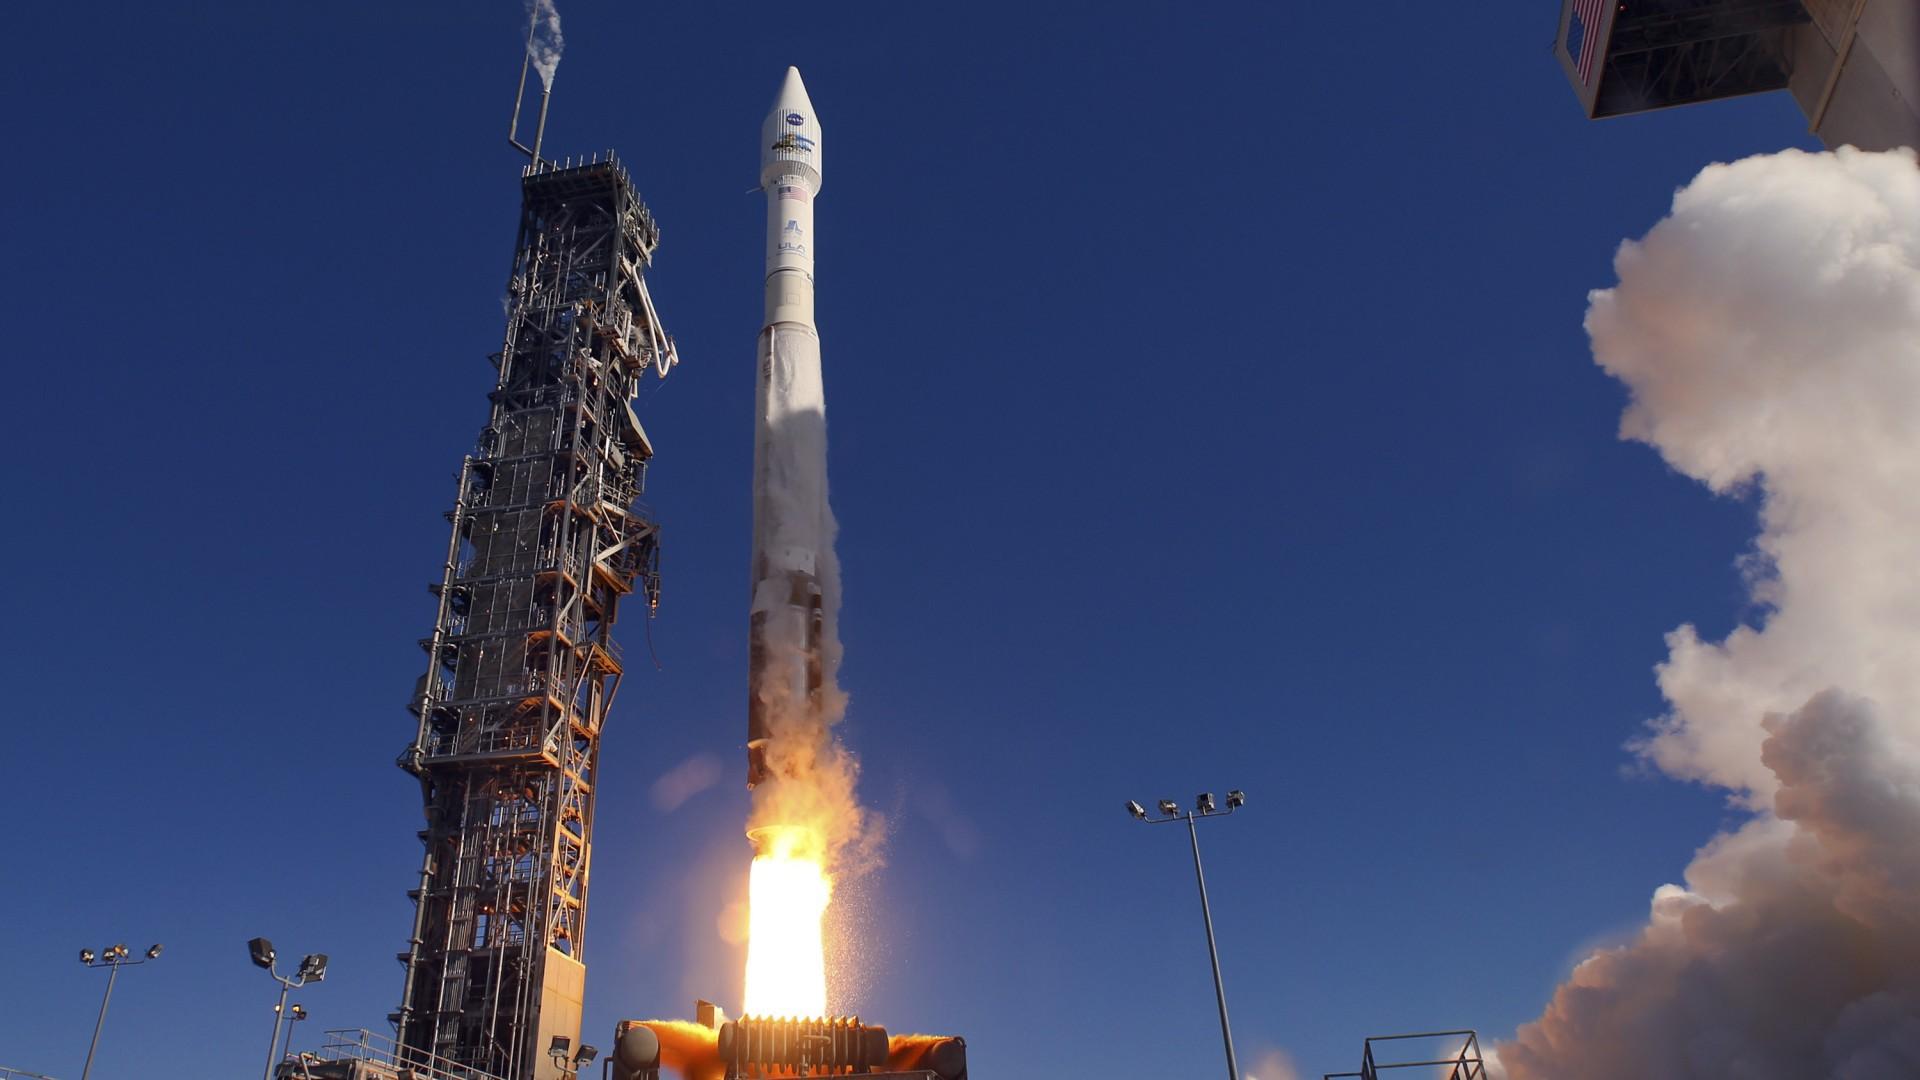 виды термобелья высота ракеты ангара на космодроме готовой к старту производстве термобелья